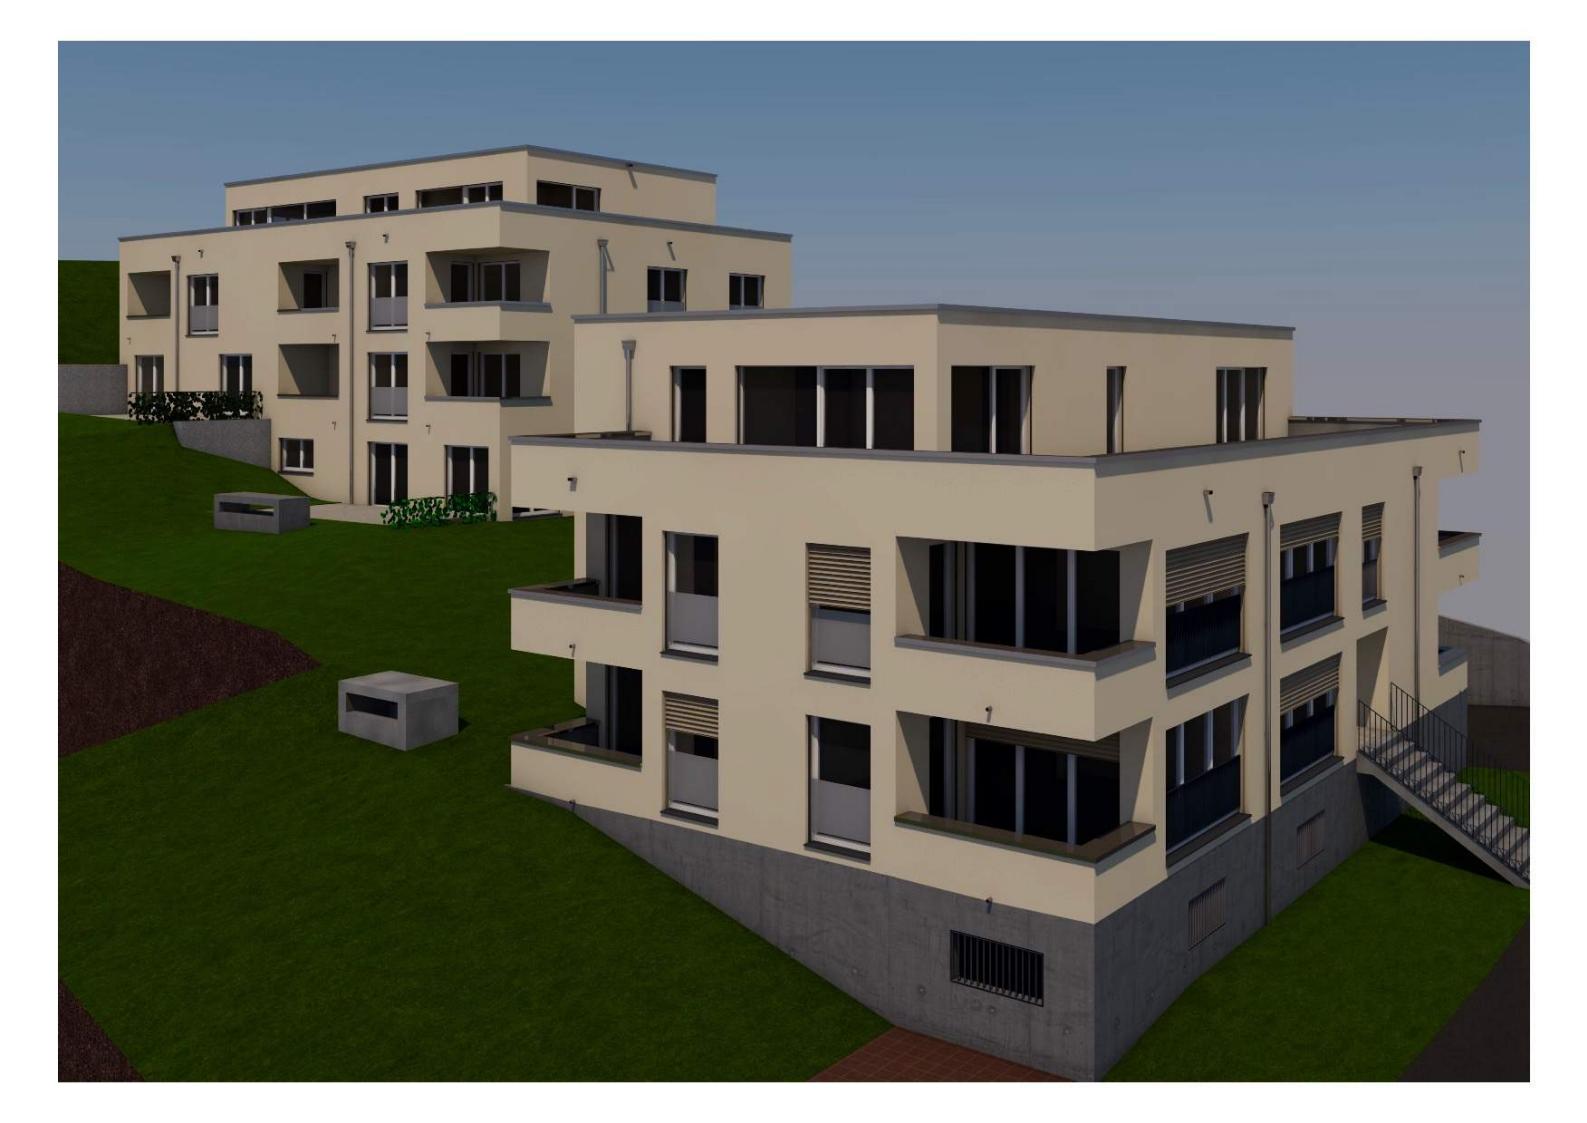 Wohnüberbauung 2 MFH <br/> 9011 St.Georgen